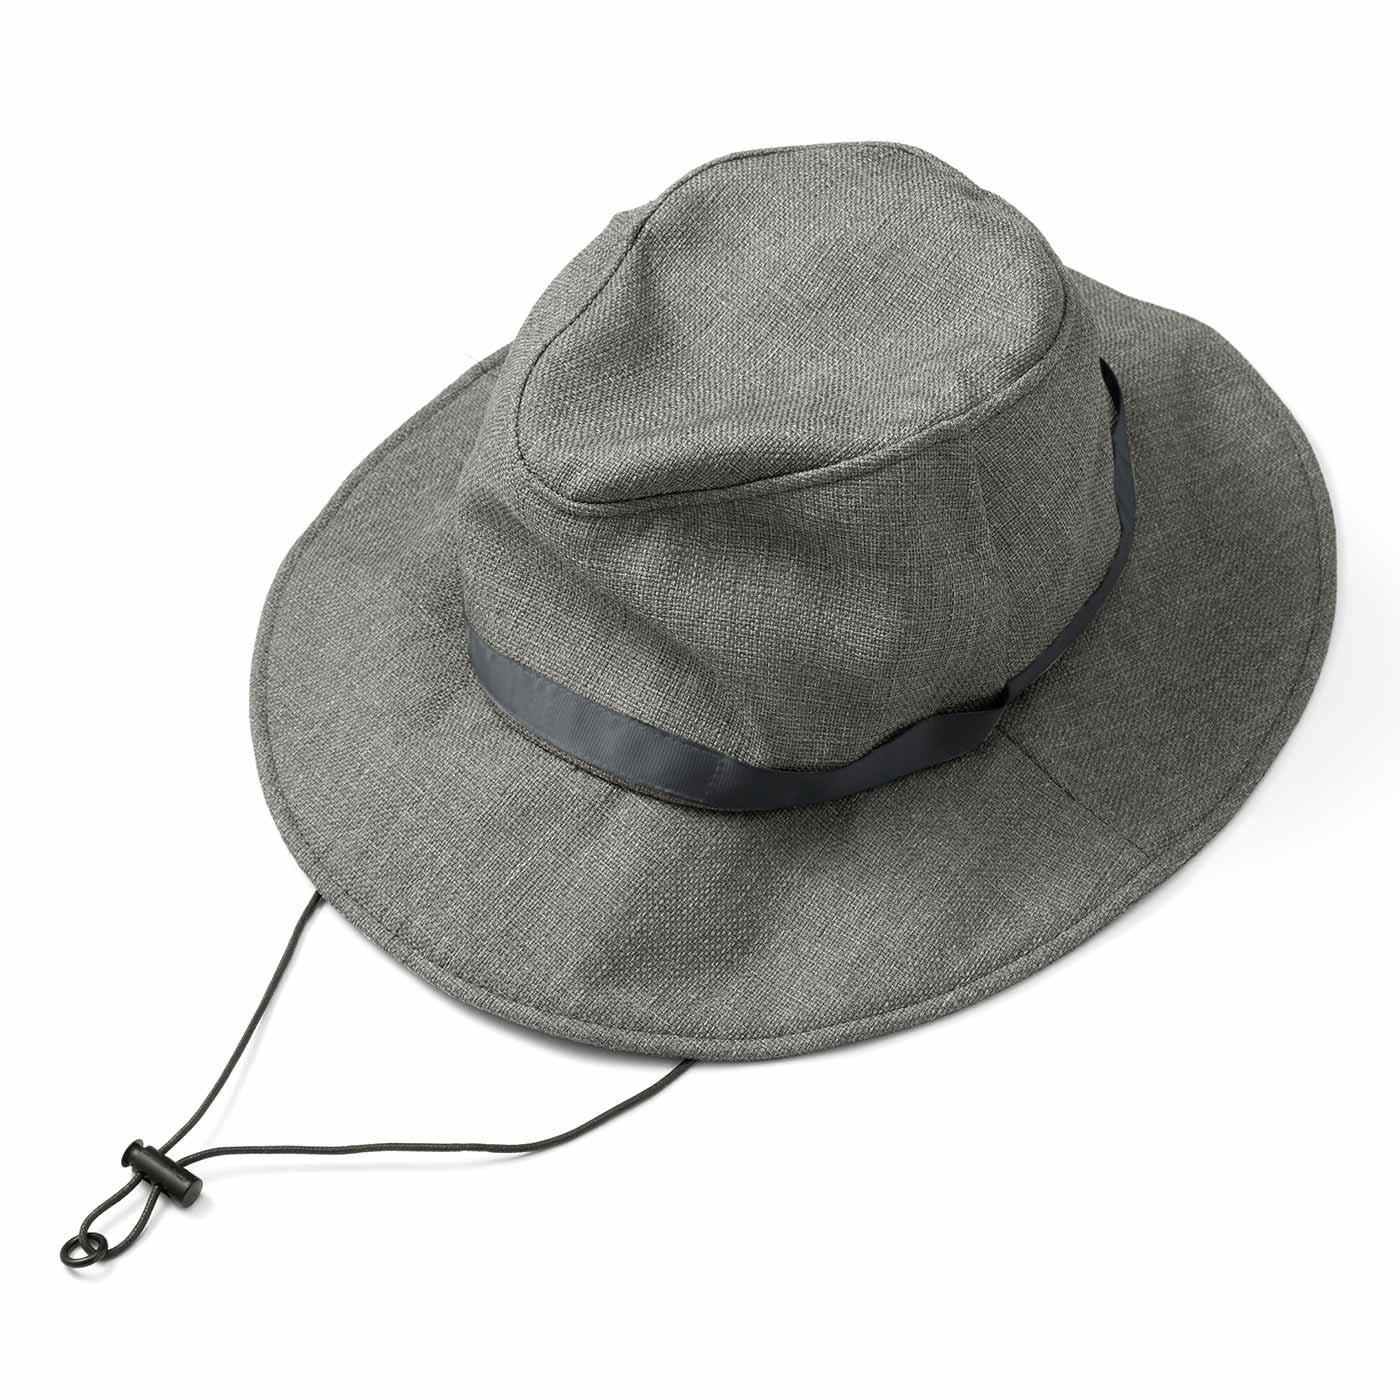 季節を問わずかぶりたい 風飛びしにくい たためるUVカット帽子の会